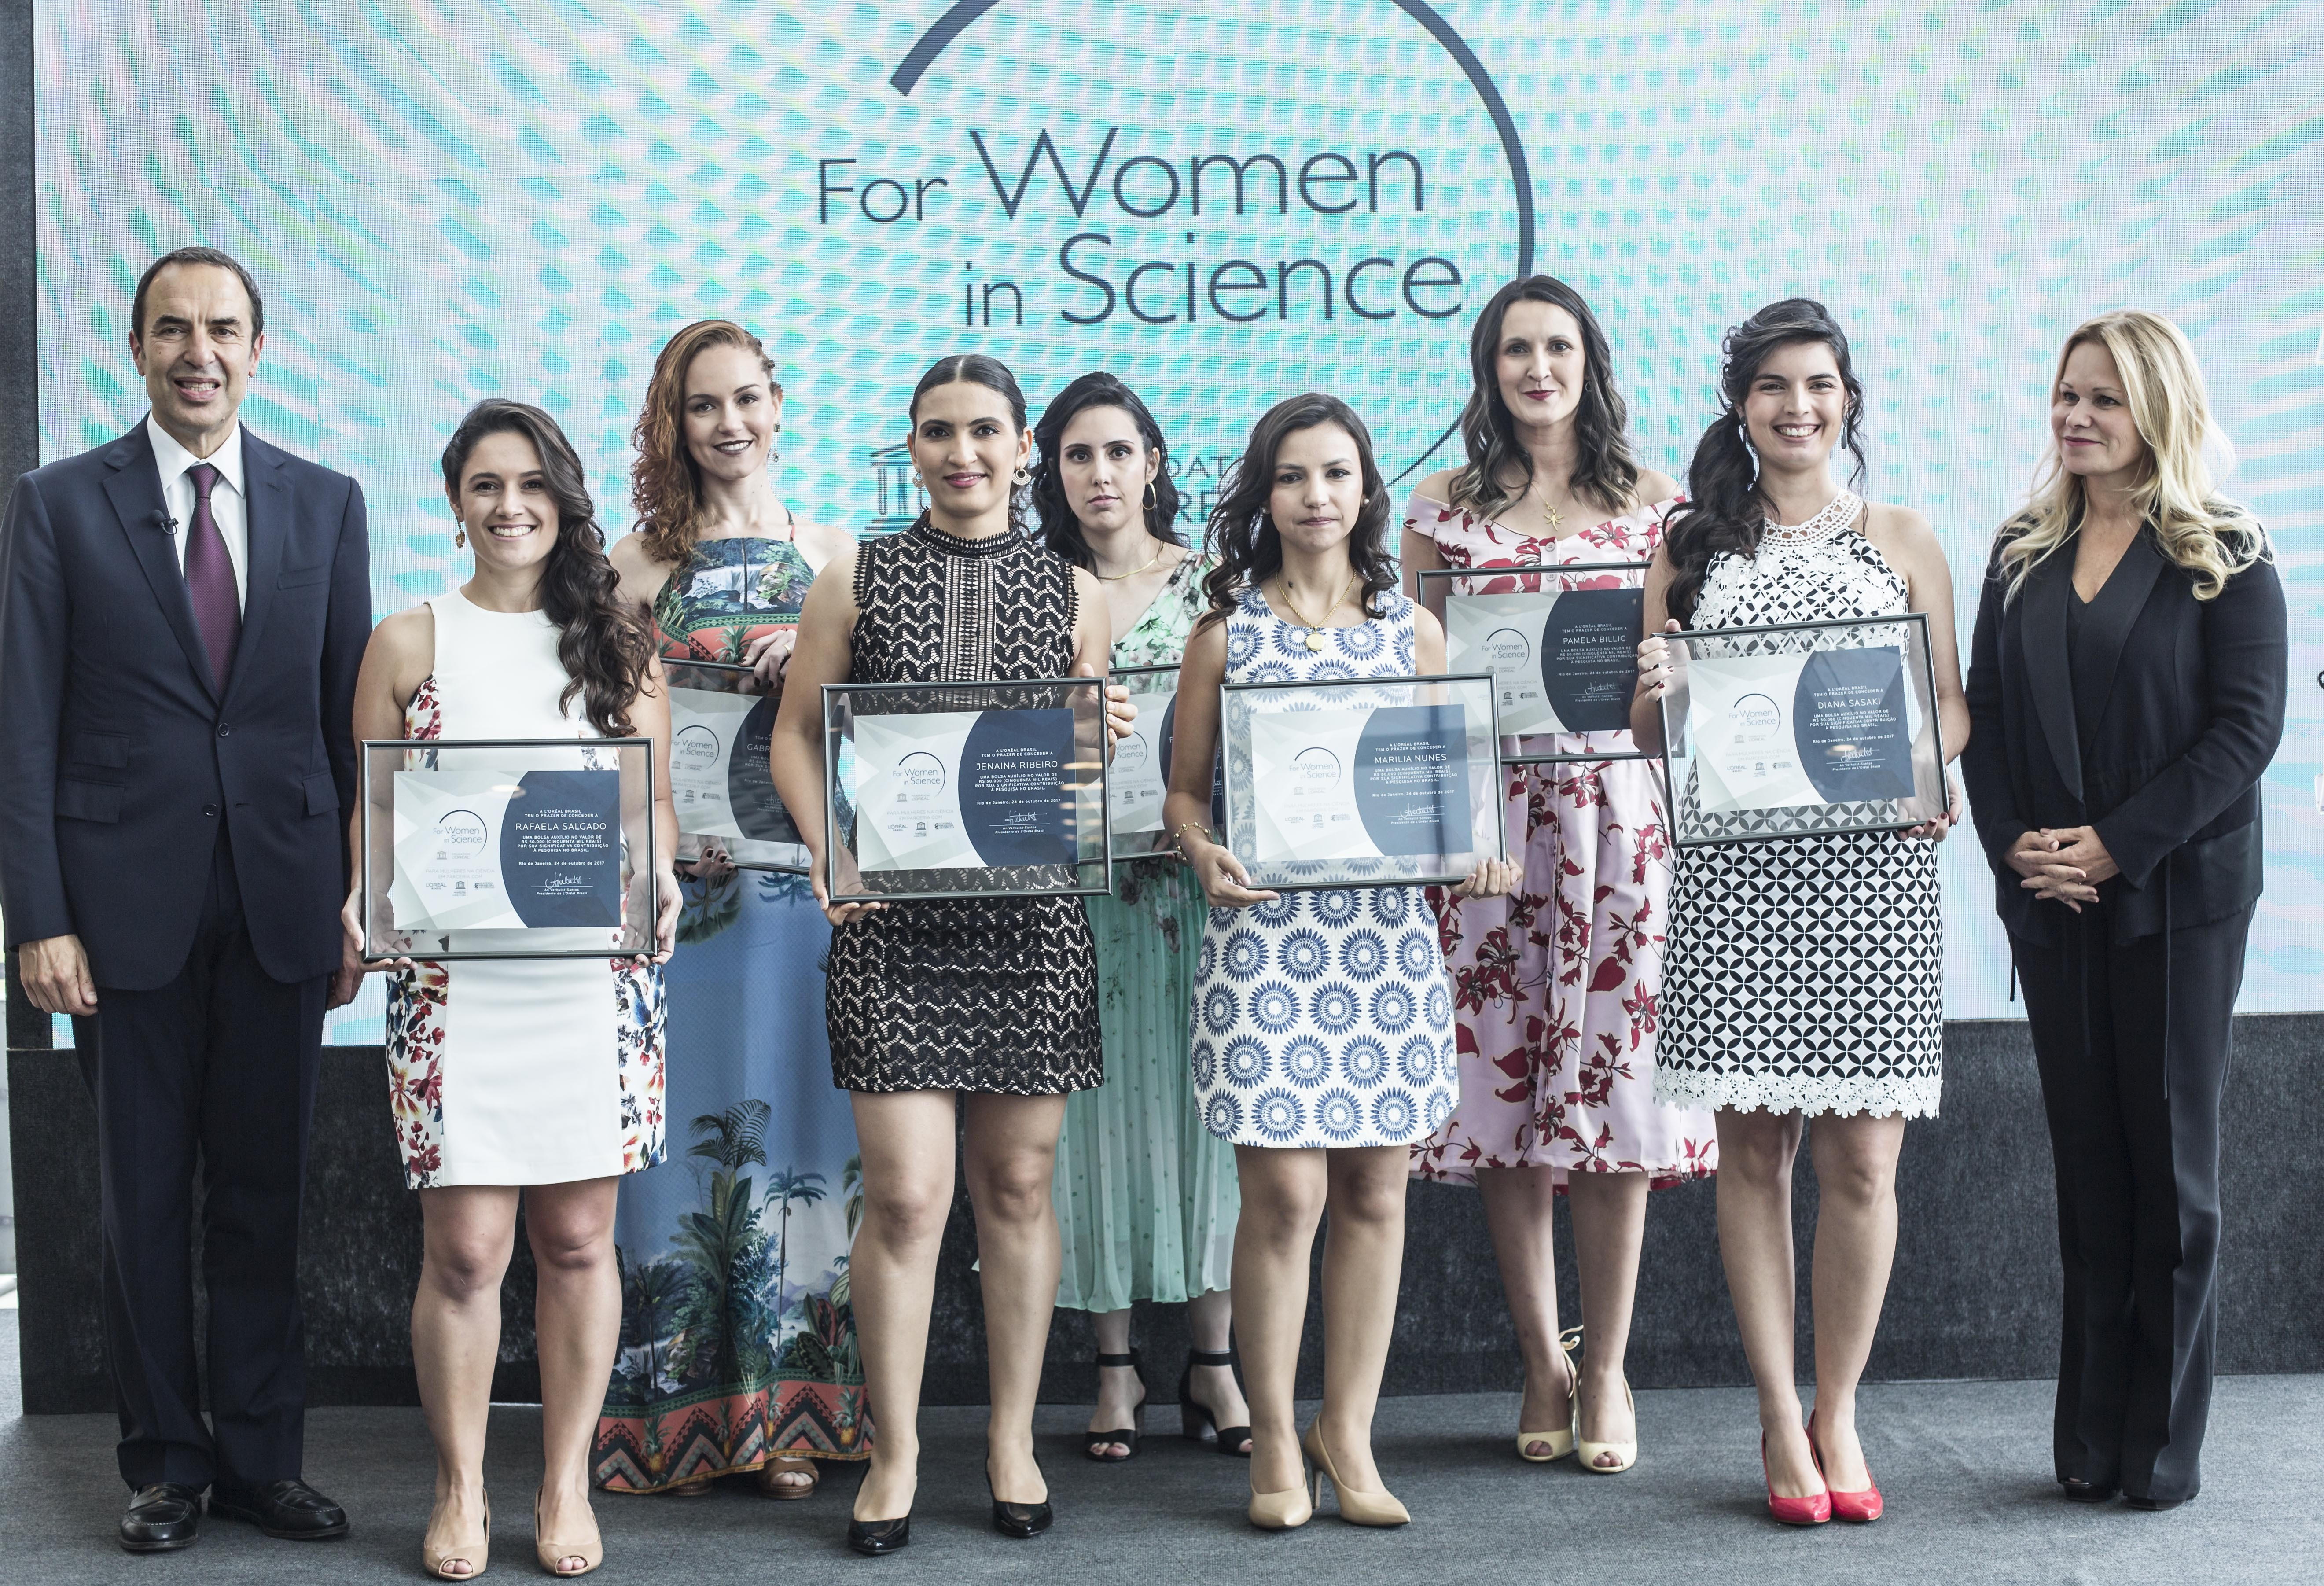 Prêmio para mulheres na ciência 2018 abre inscrições